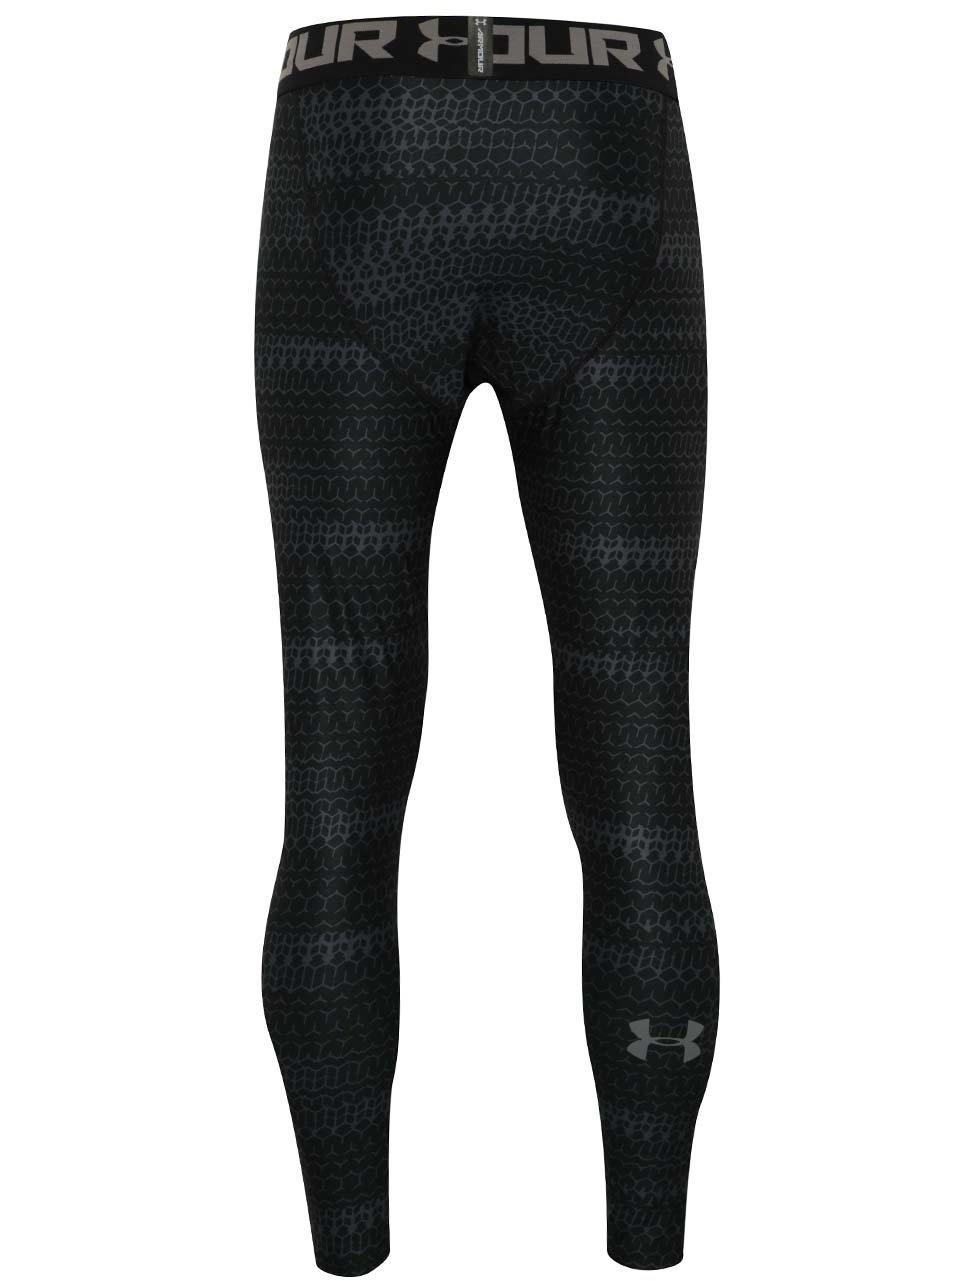 Šedo-černé pánské vzorované legíny Under Armour HG Armour 2.0 Novelty  Legging ... 5aca6734cdb